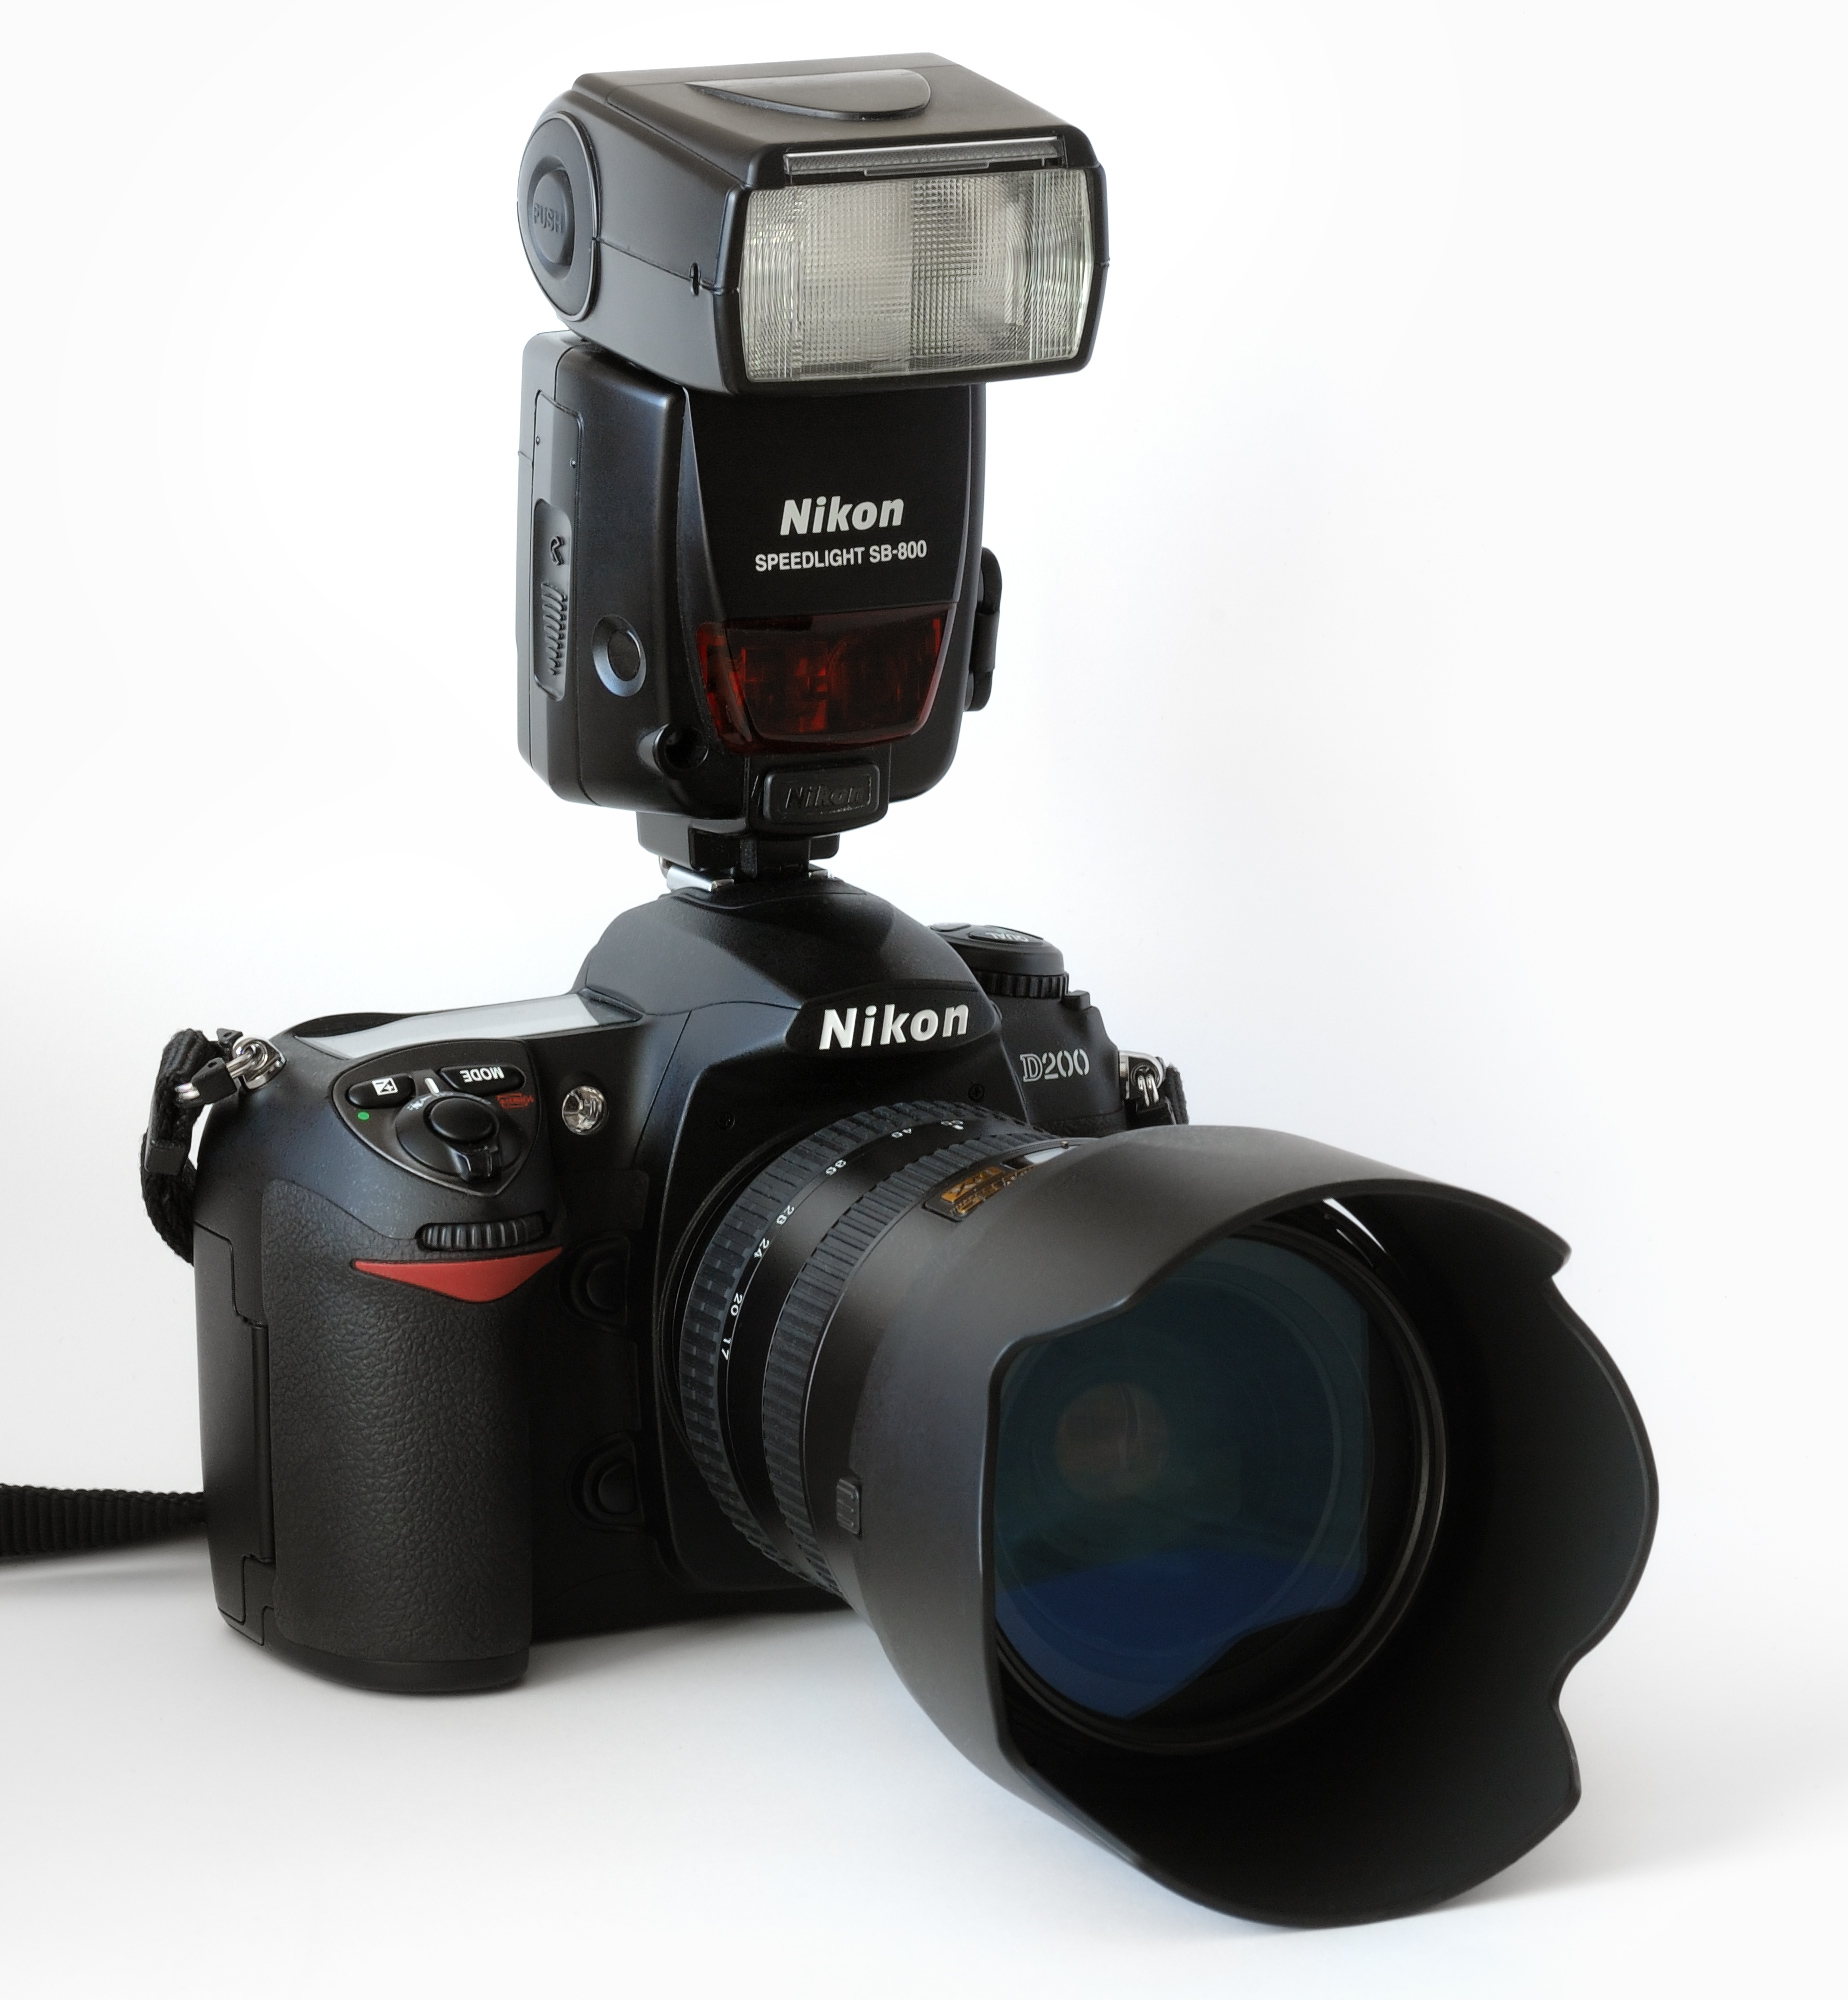 Nikon D200 Wikipedia